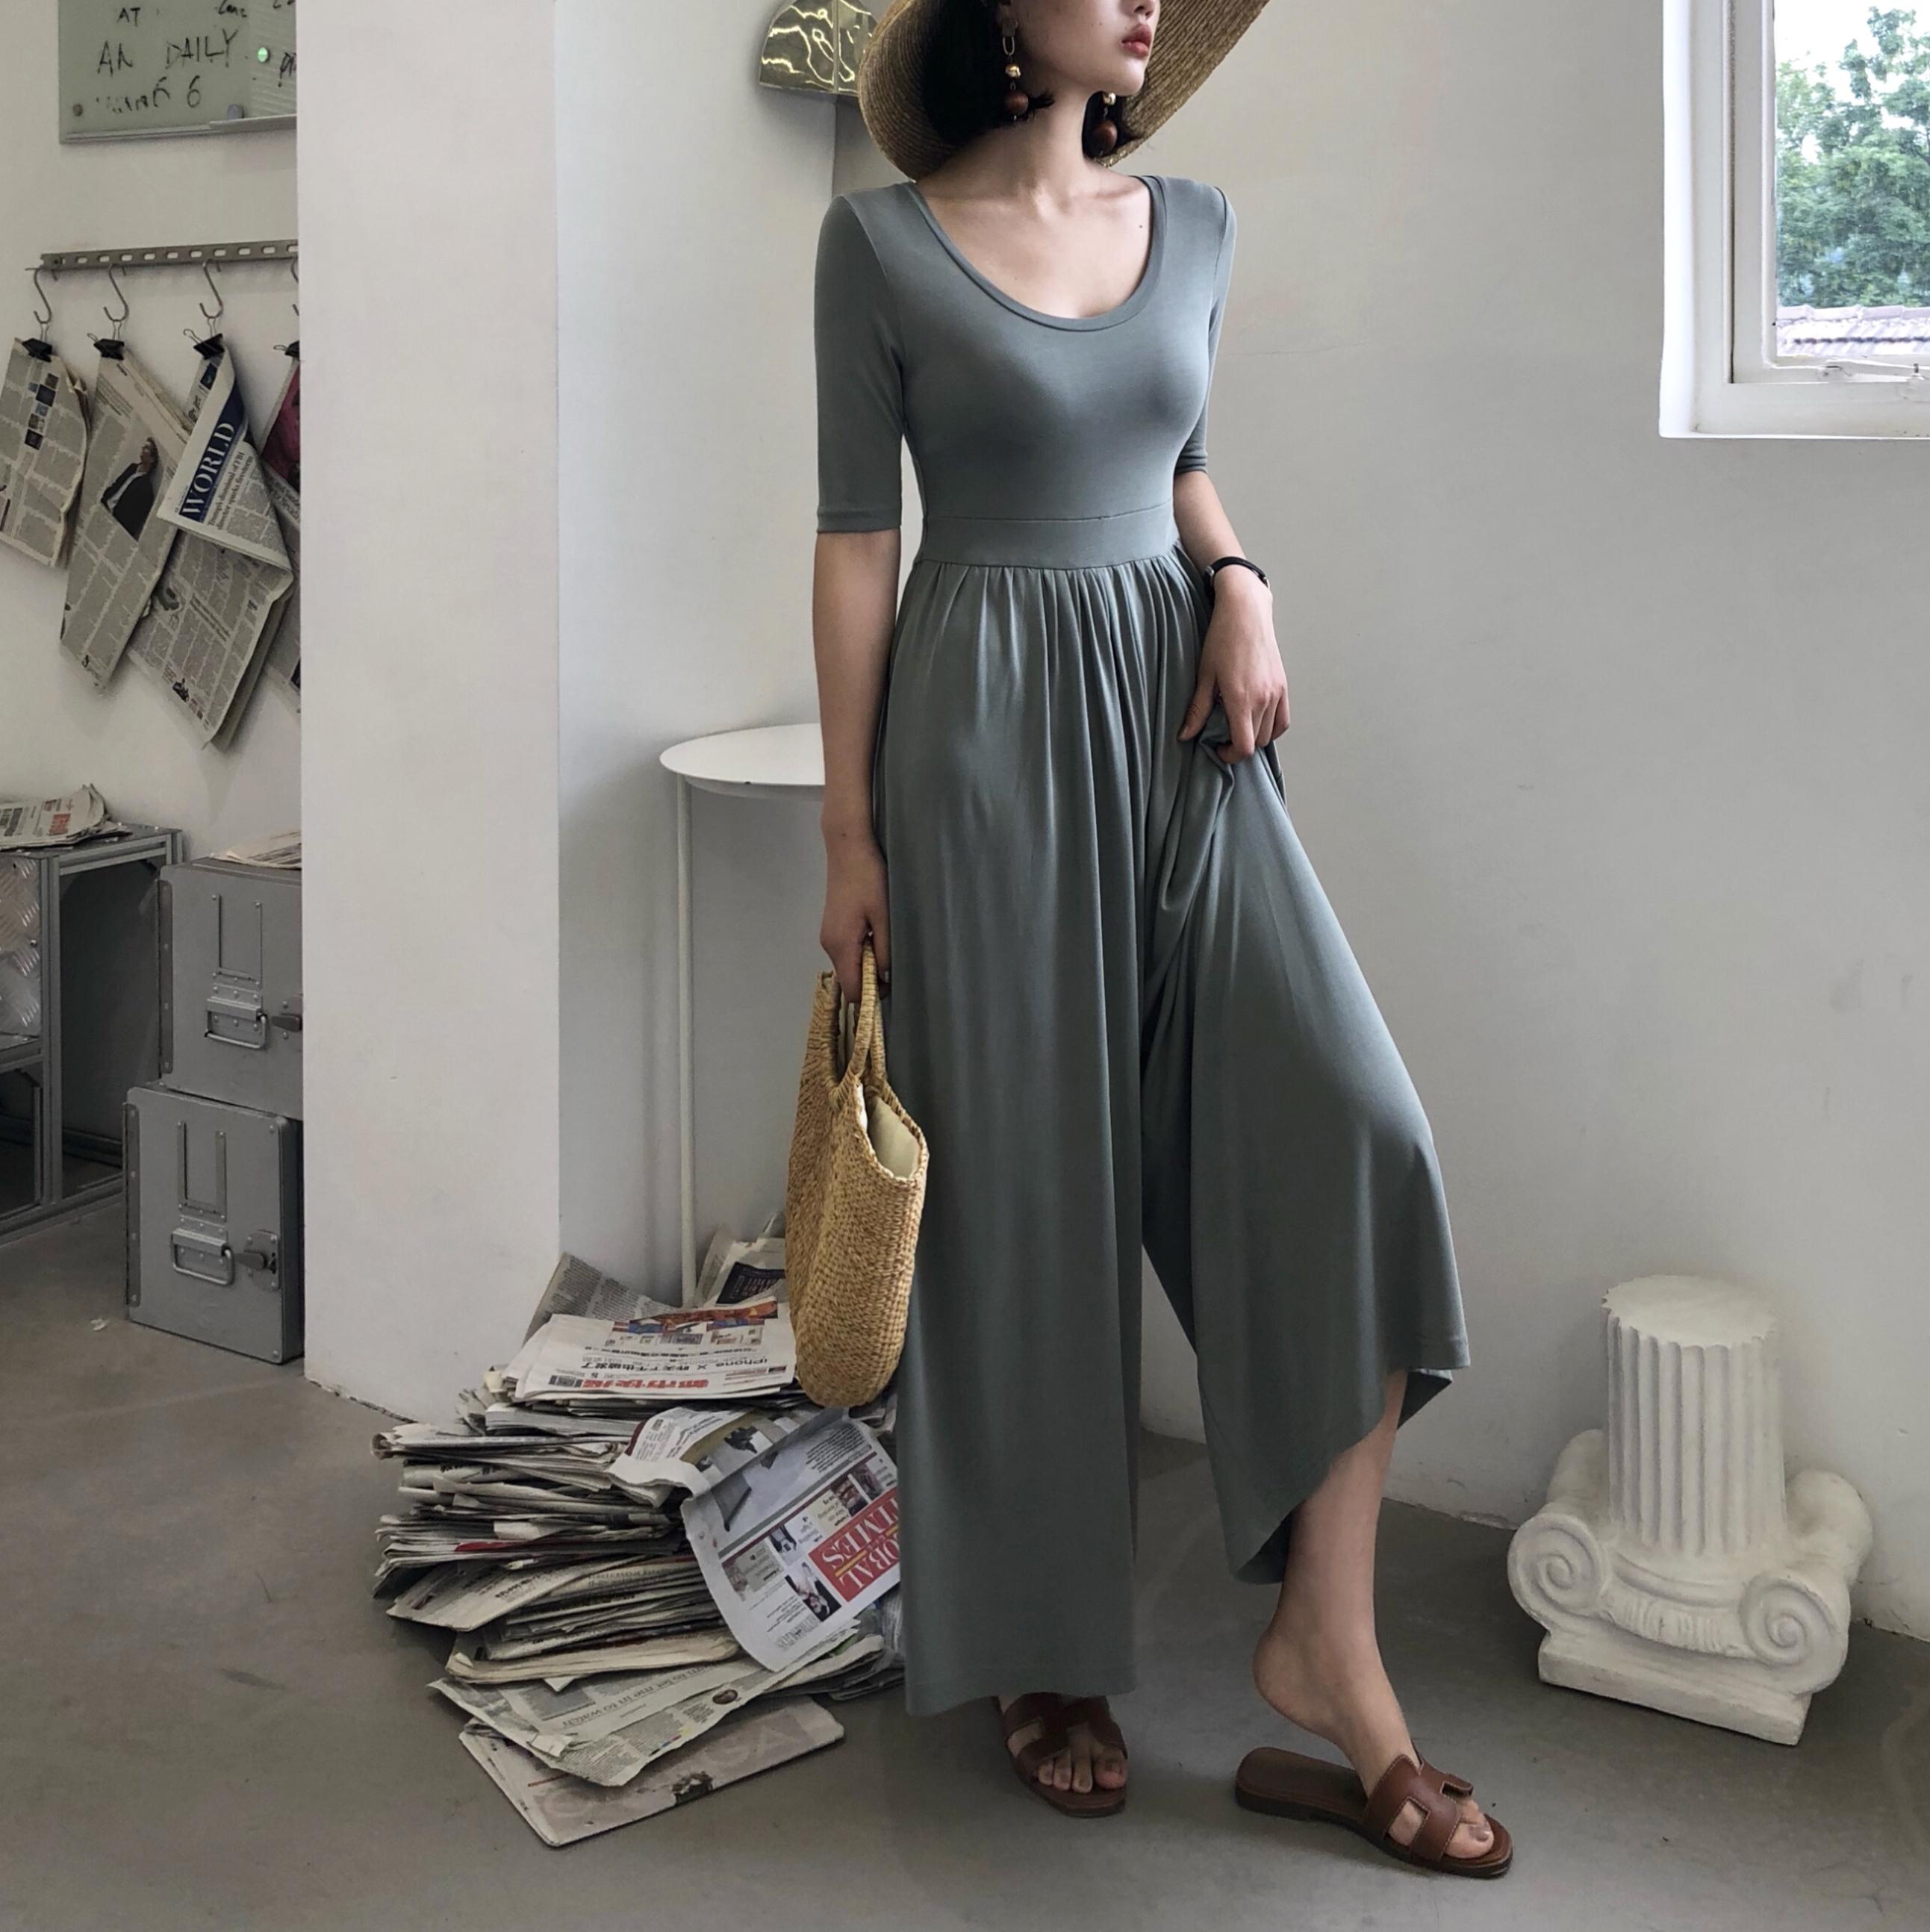 Купить Платья / Сарафаны  в Китае, в интернет магазине таобао на русском языке